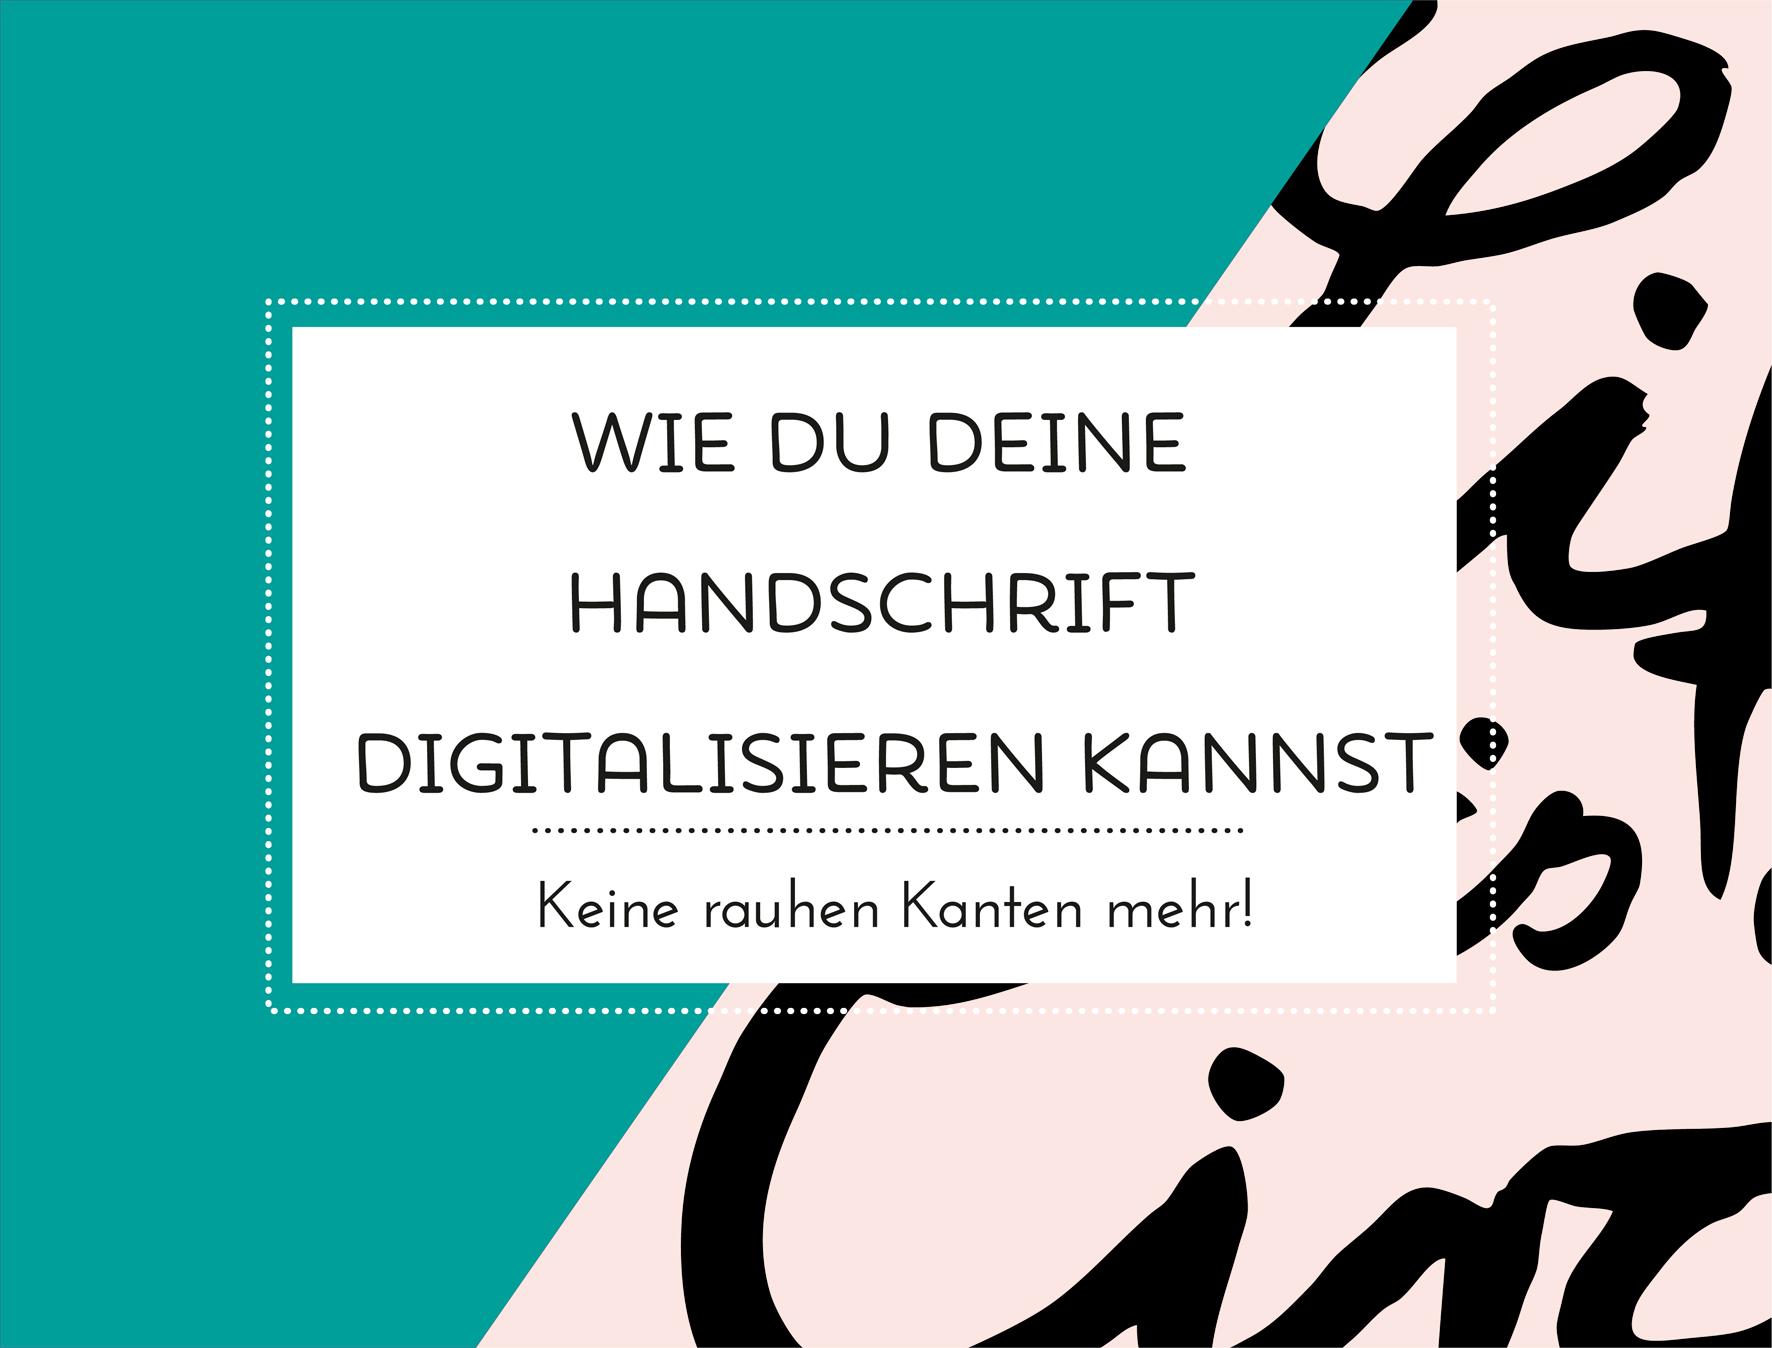 handschrift_digitalisieren.jpg